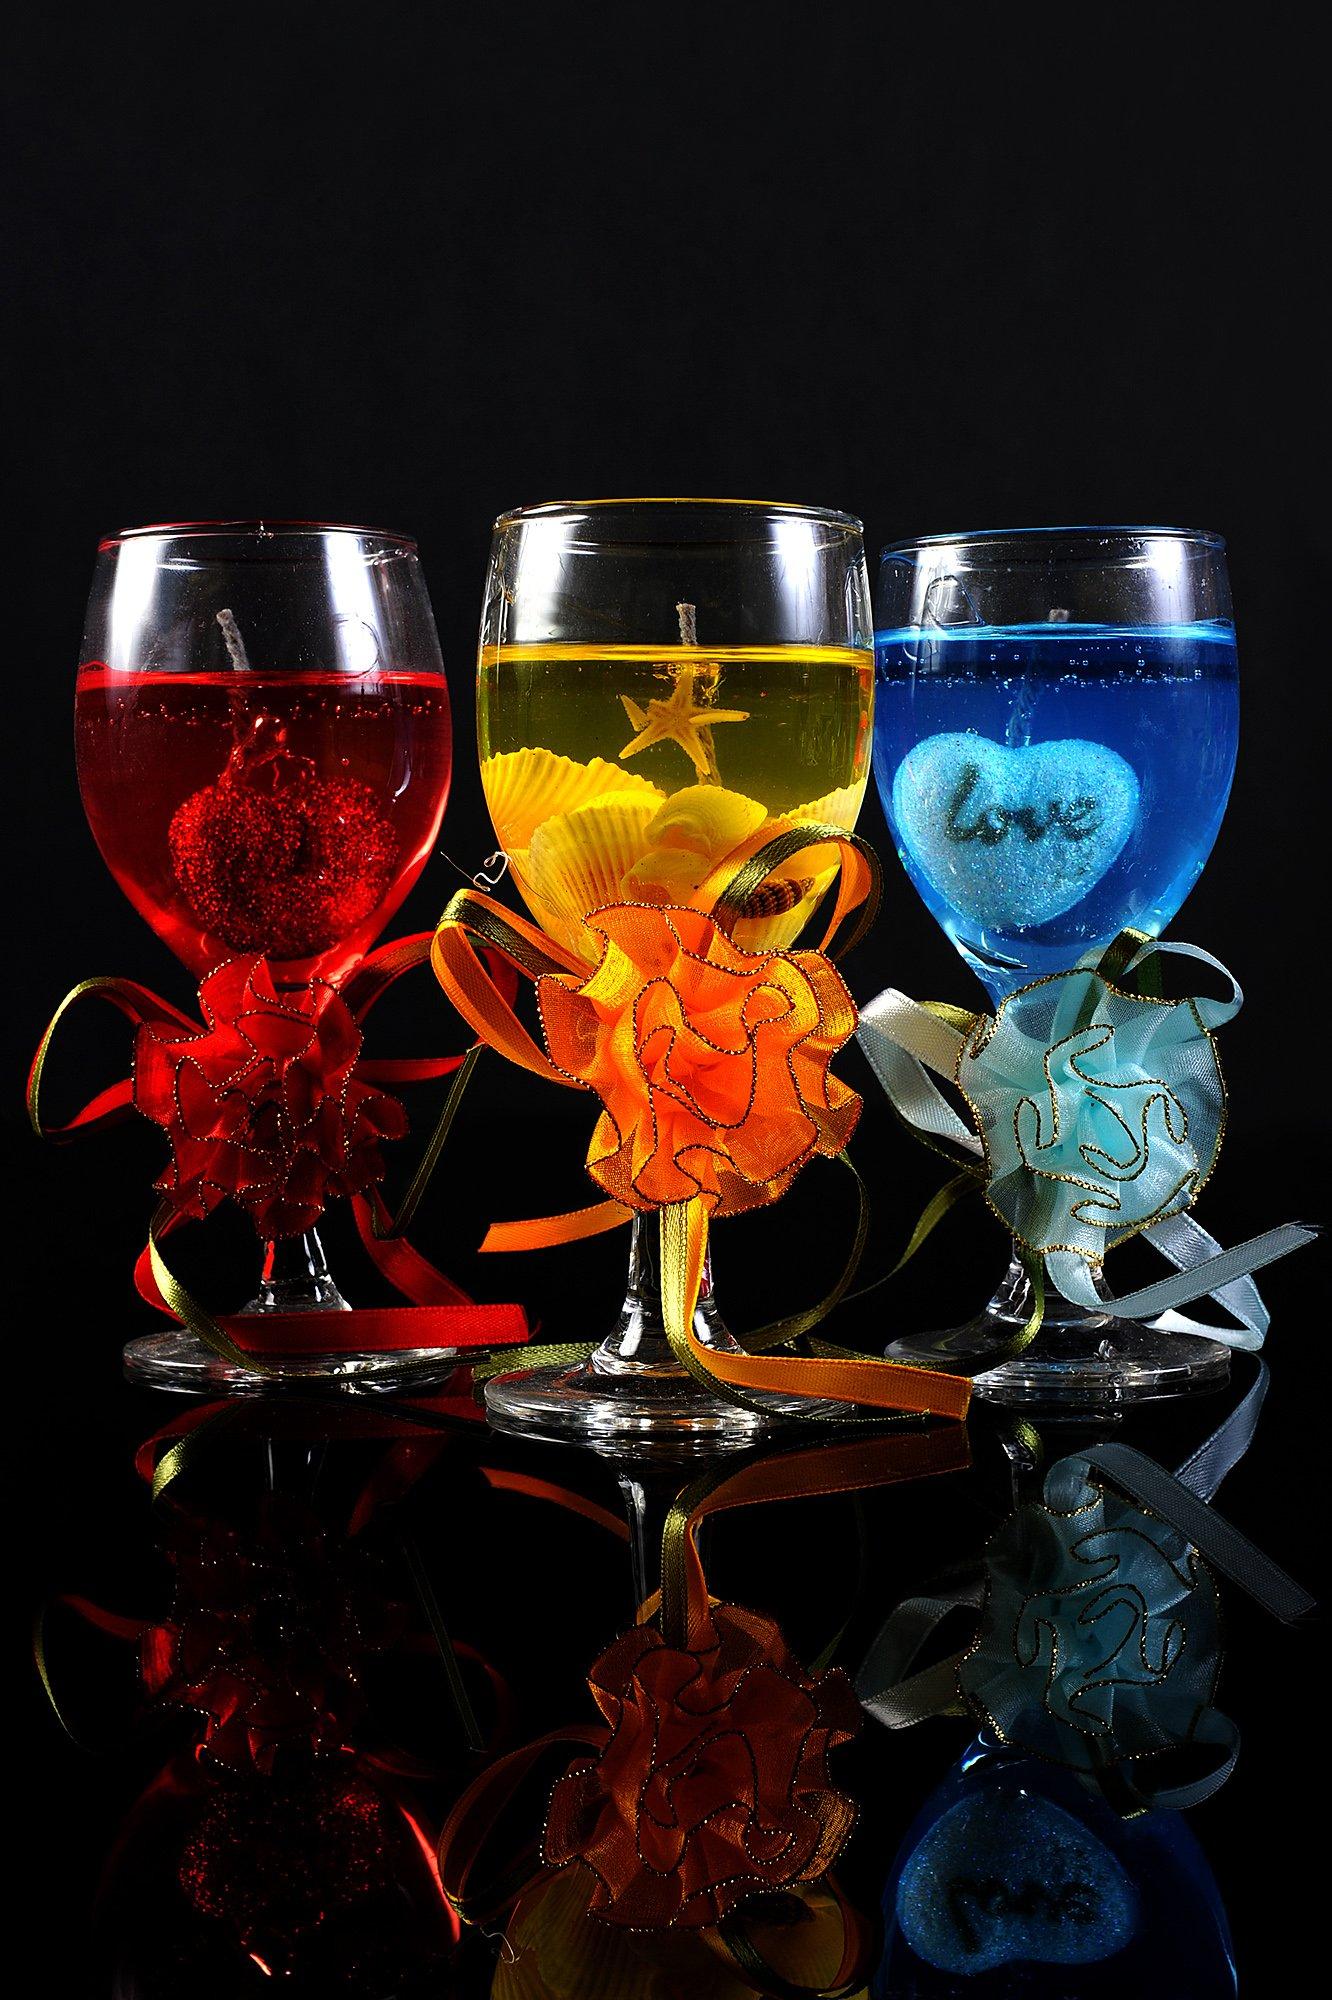 Полупрозрачная цветная свадебная свеча в бокале с пышной отделкой лентами.